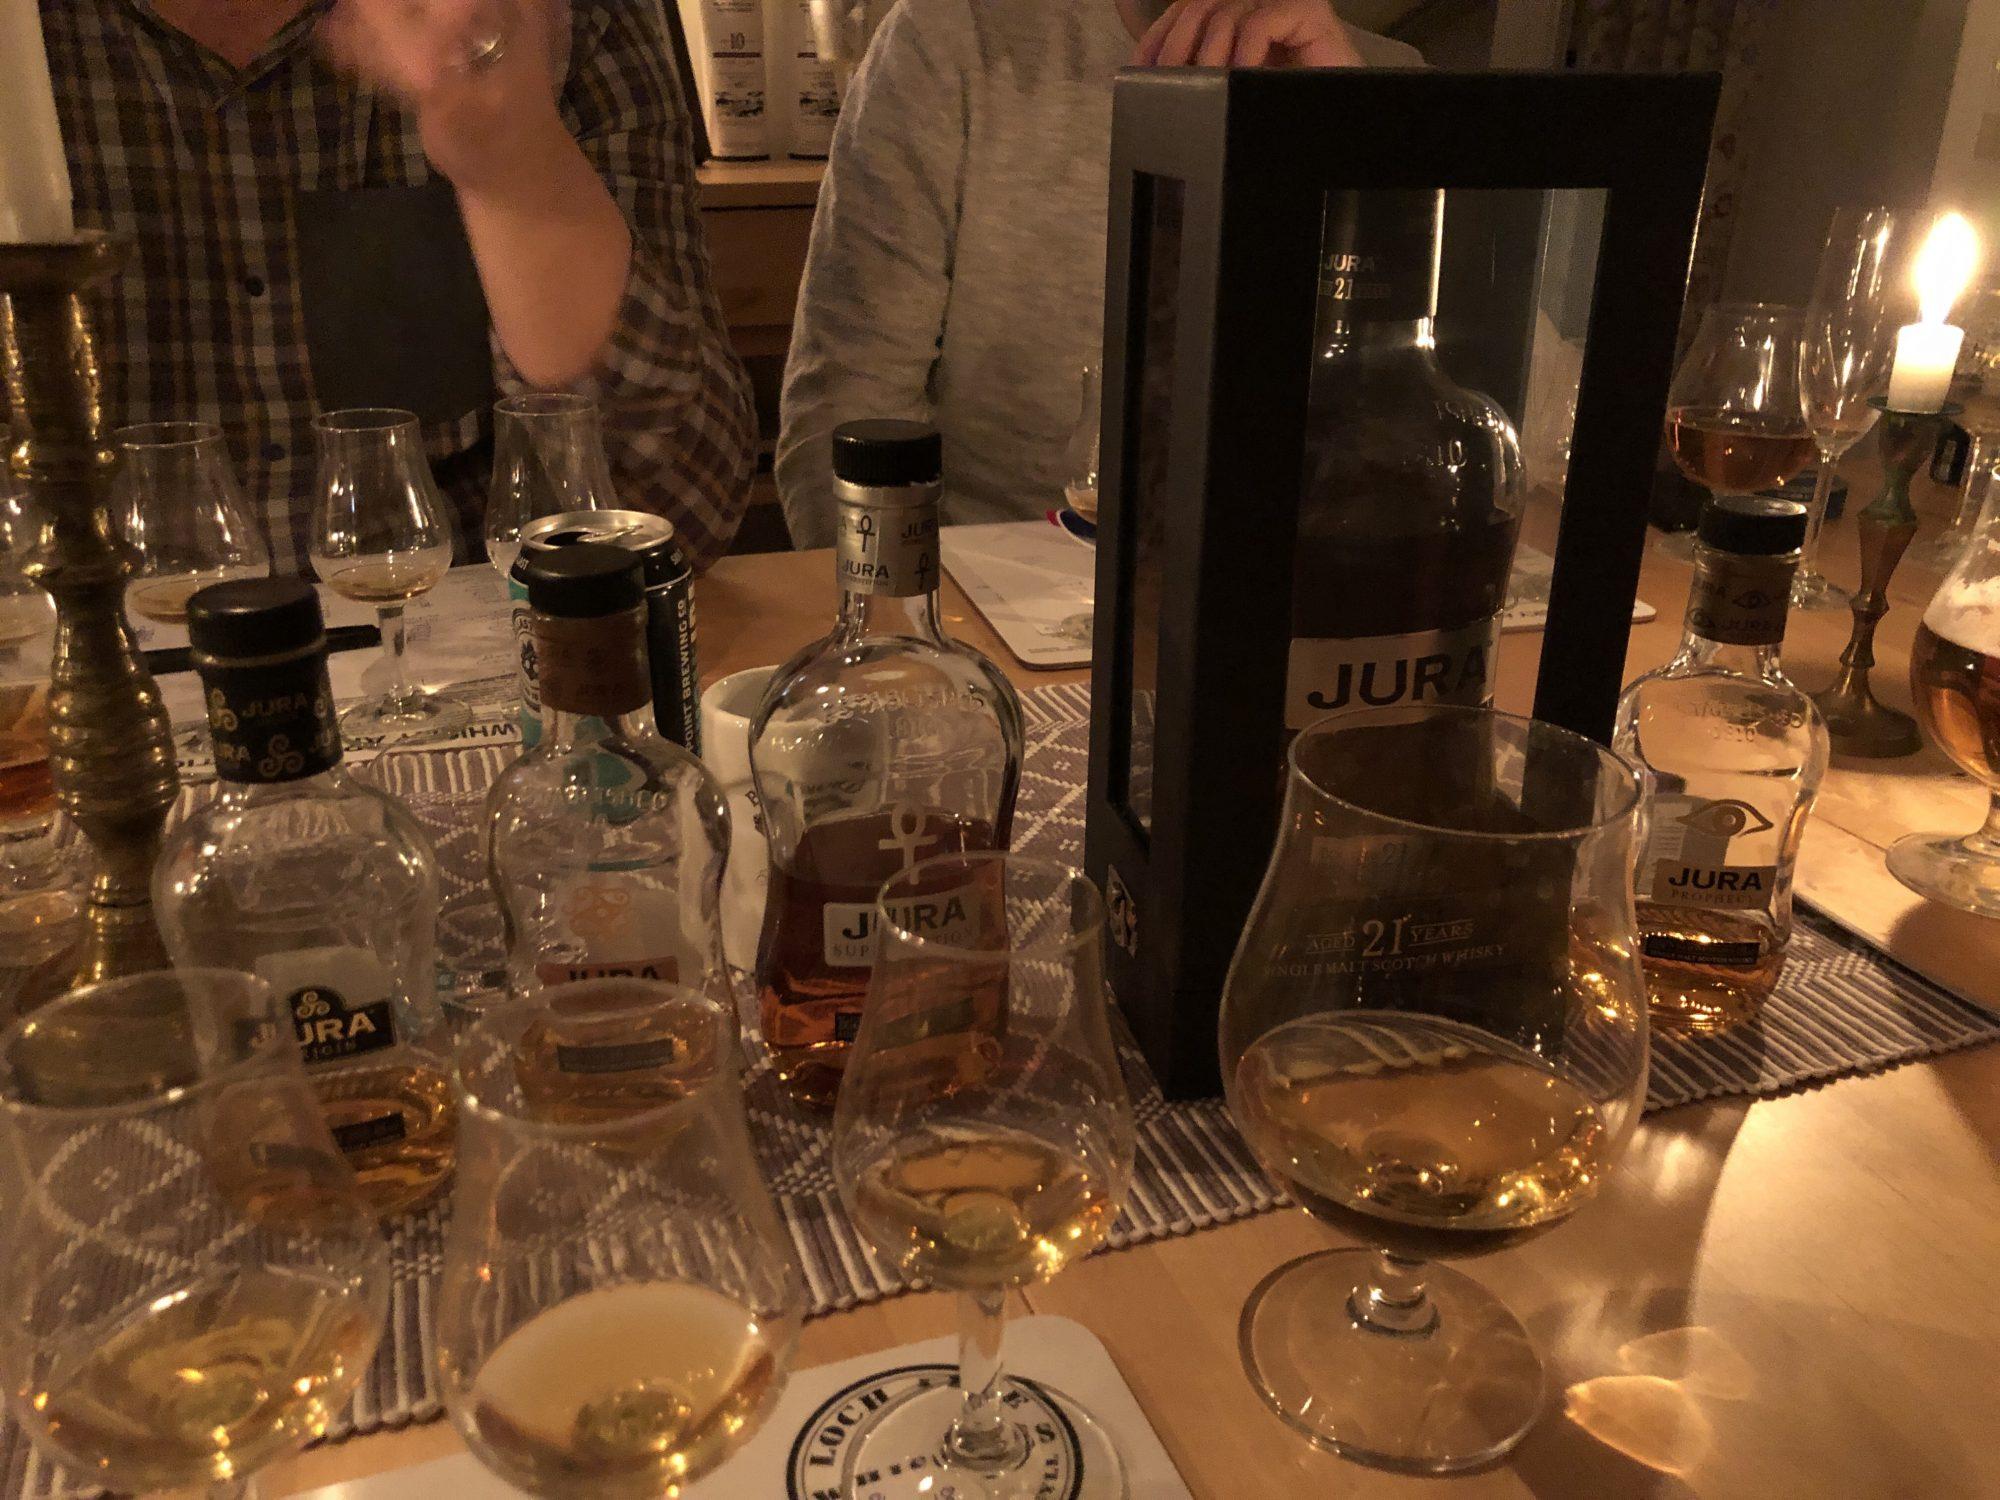 Herrmiddag - whiskyprovning